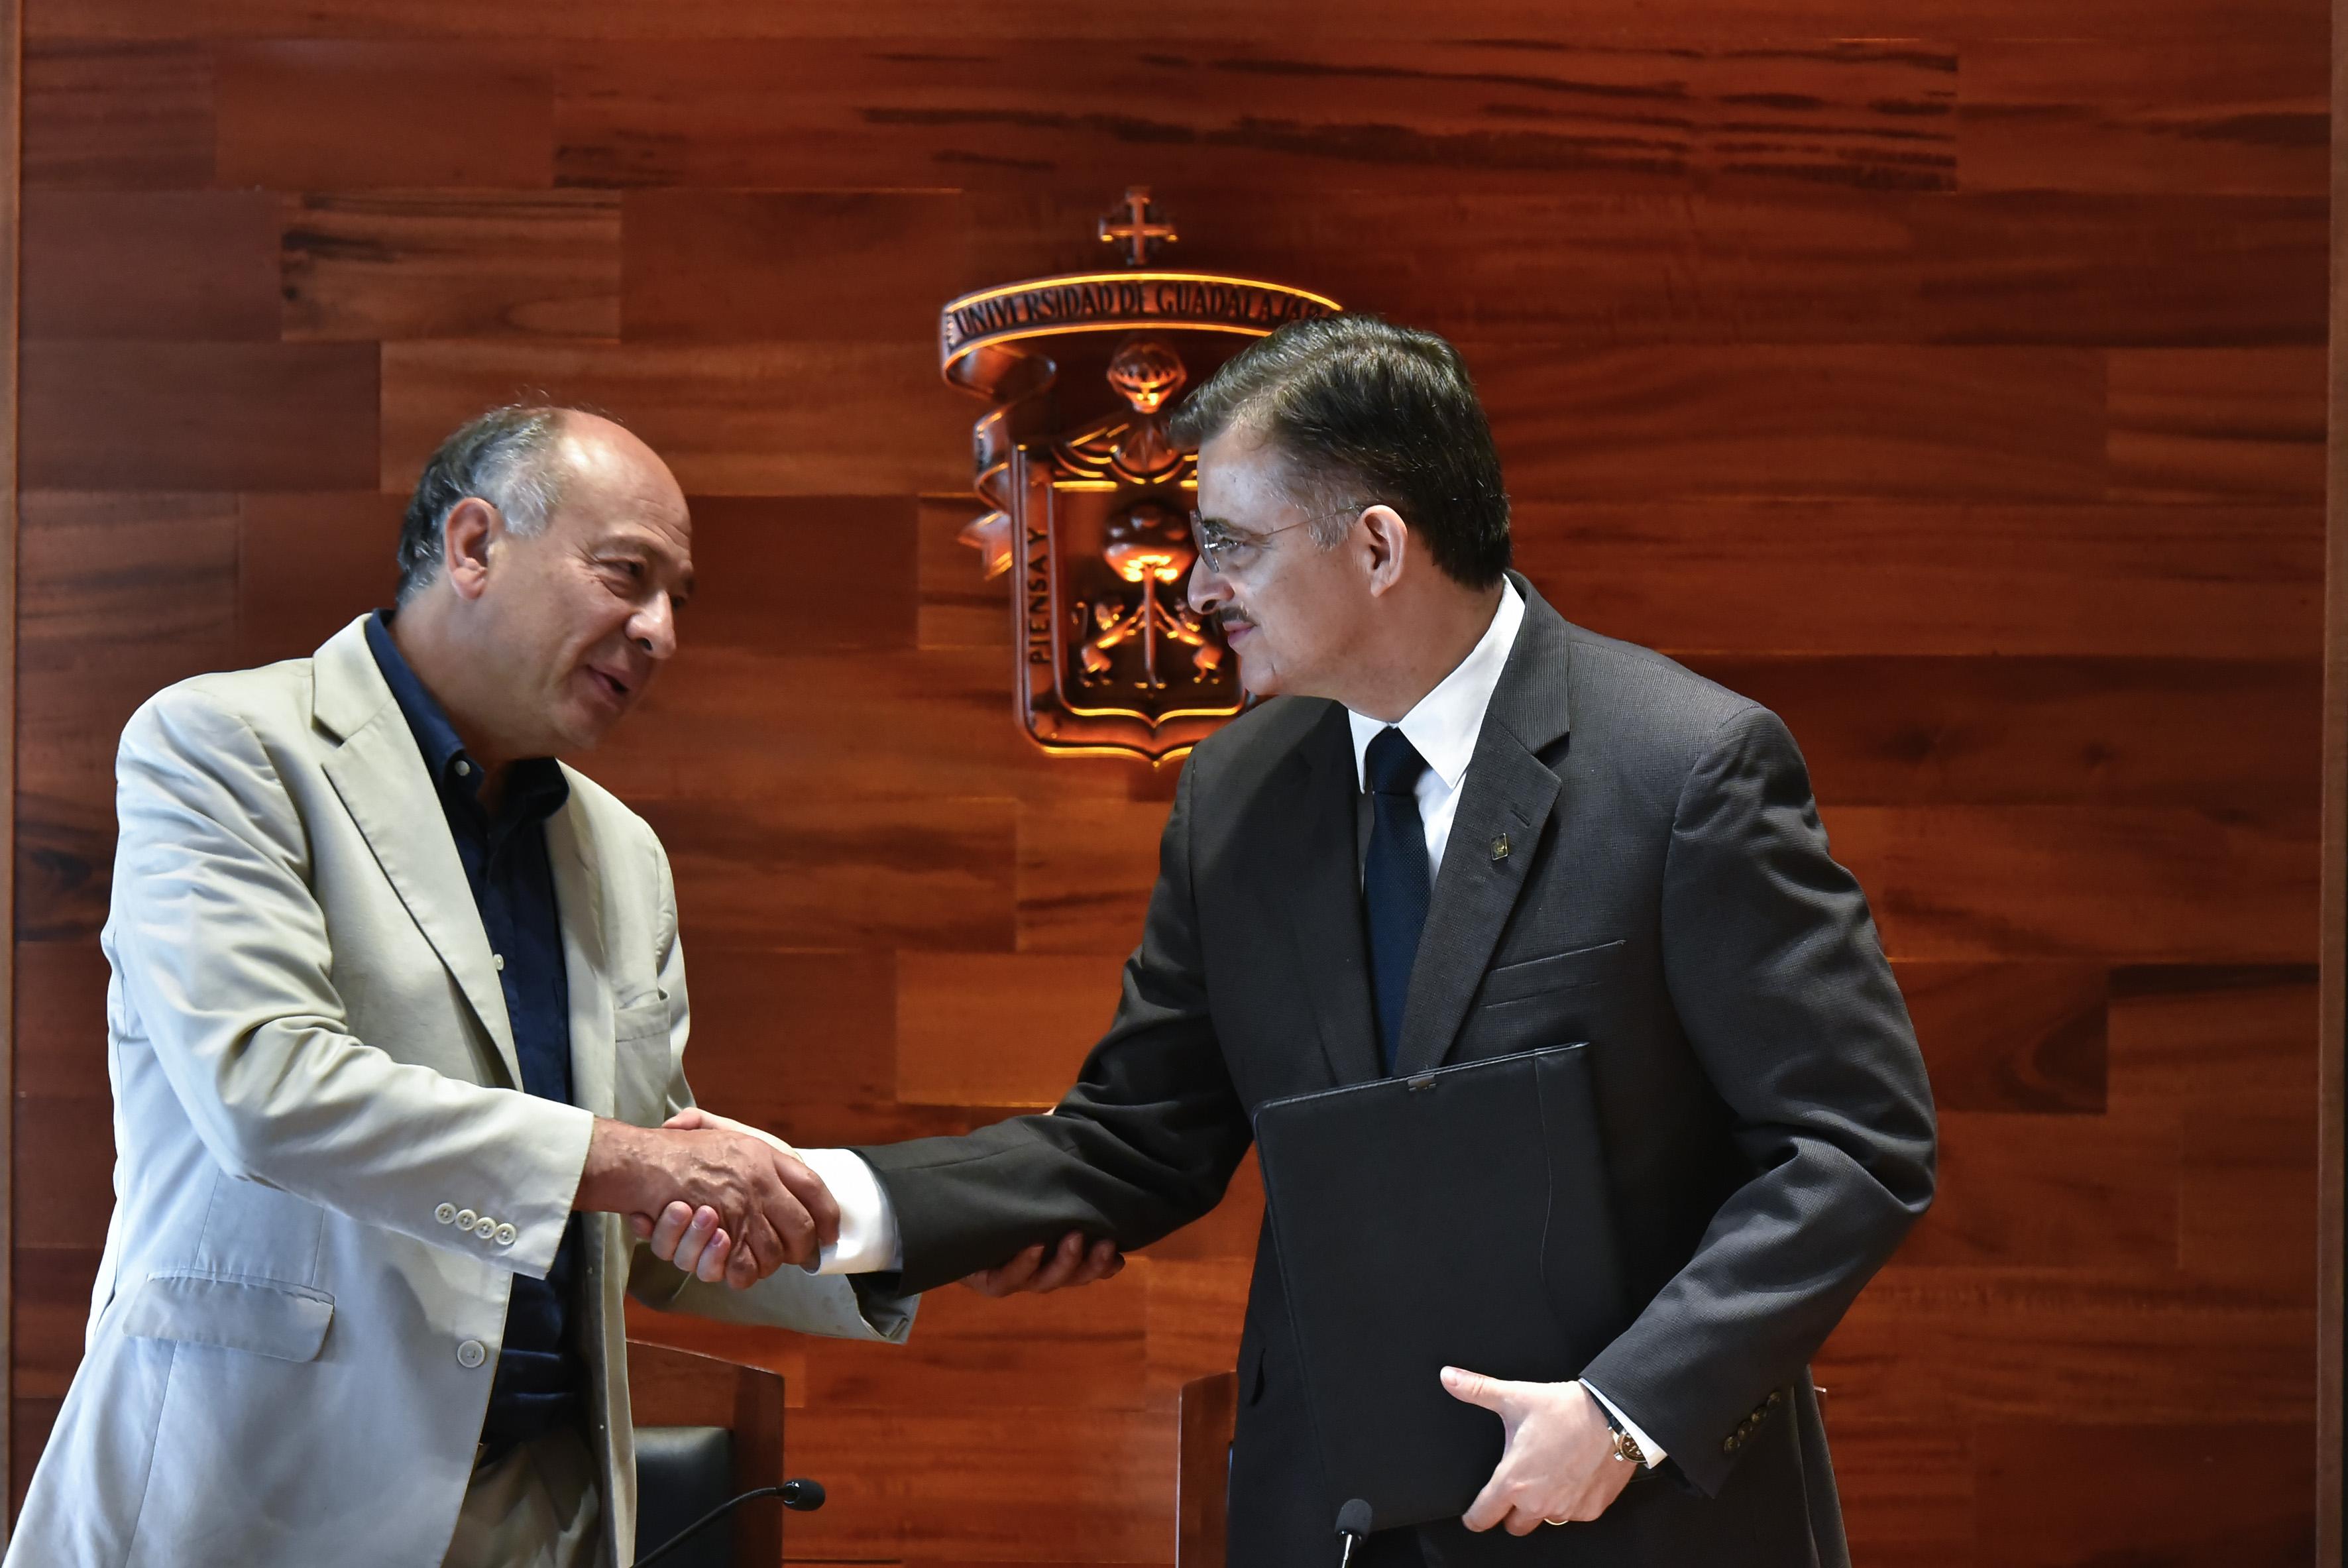 Maestro Itzcóatl Tonatiuh Bravo Padilla y el doctor Alejandro Rogelio Pelayo Rangel, firmaron un convenio